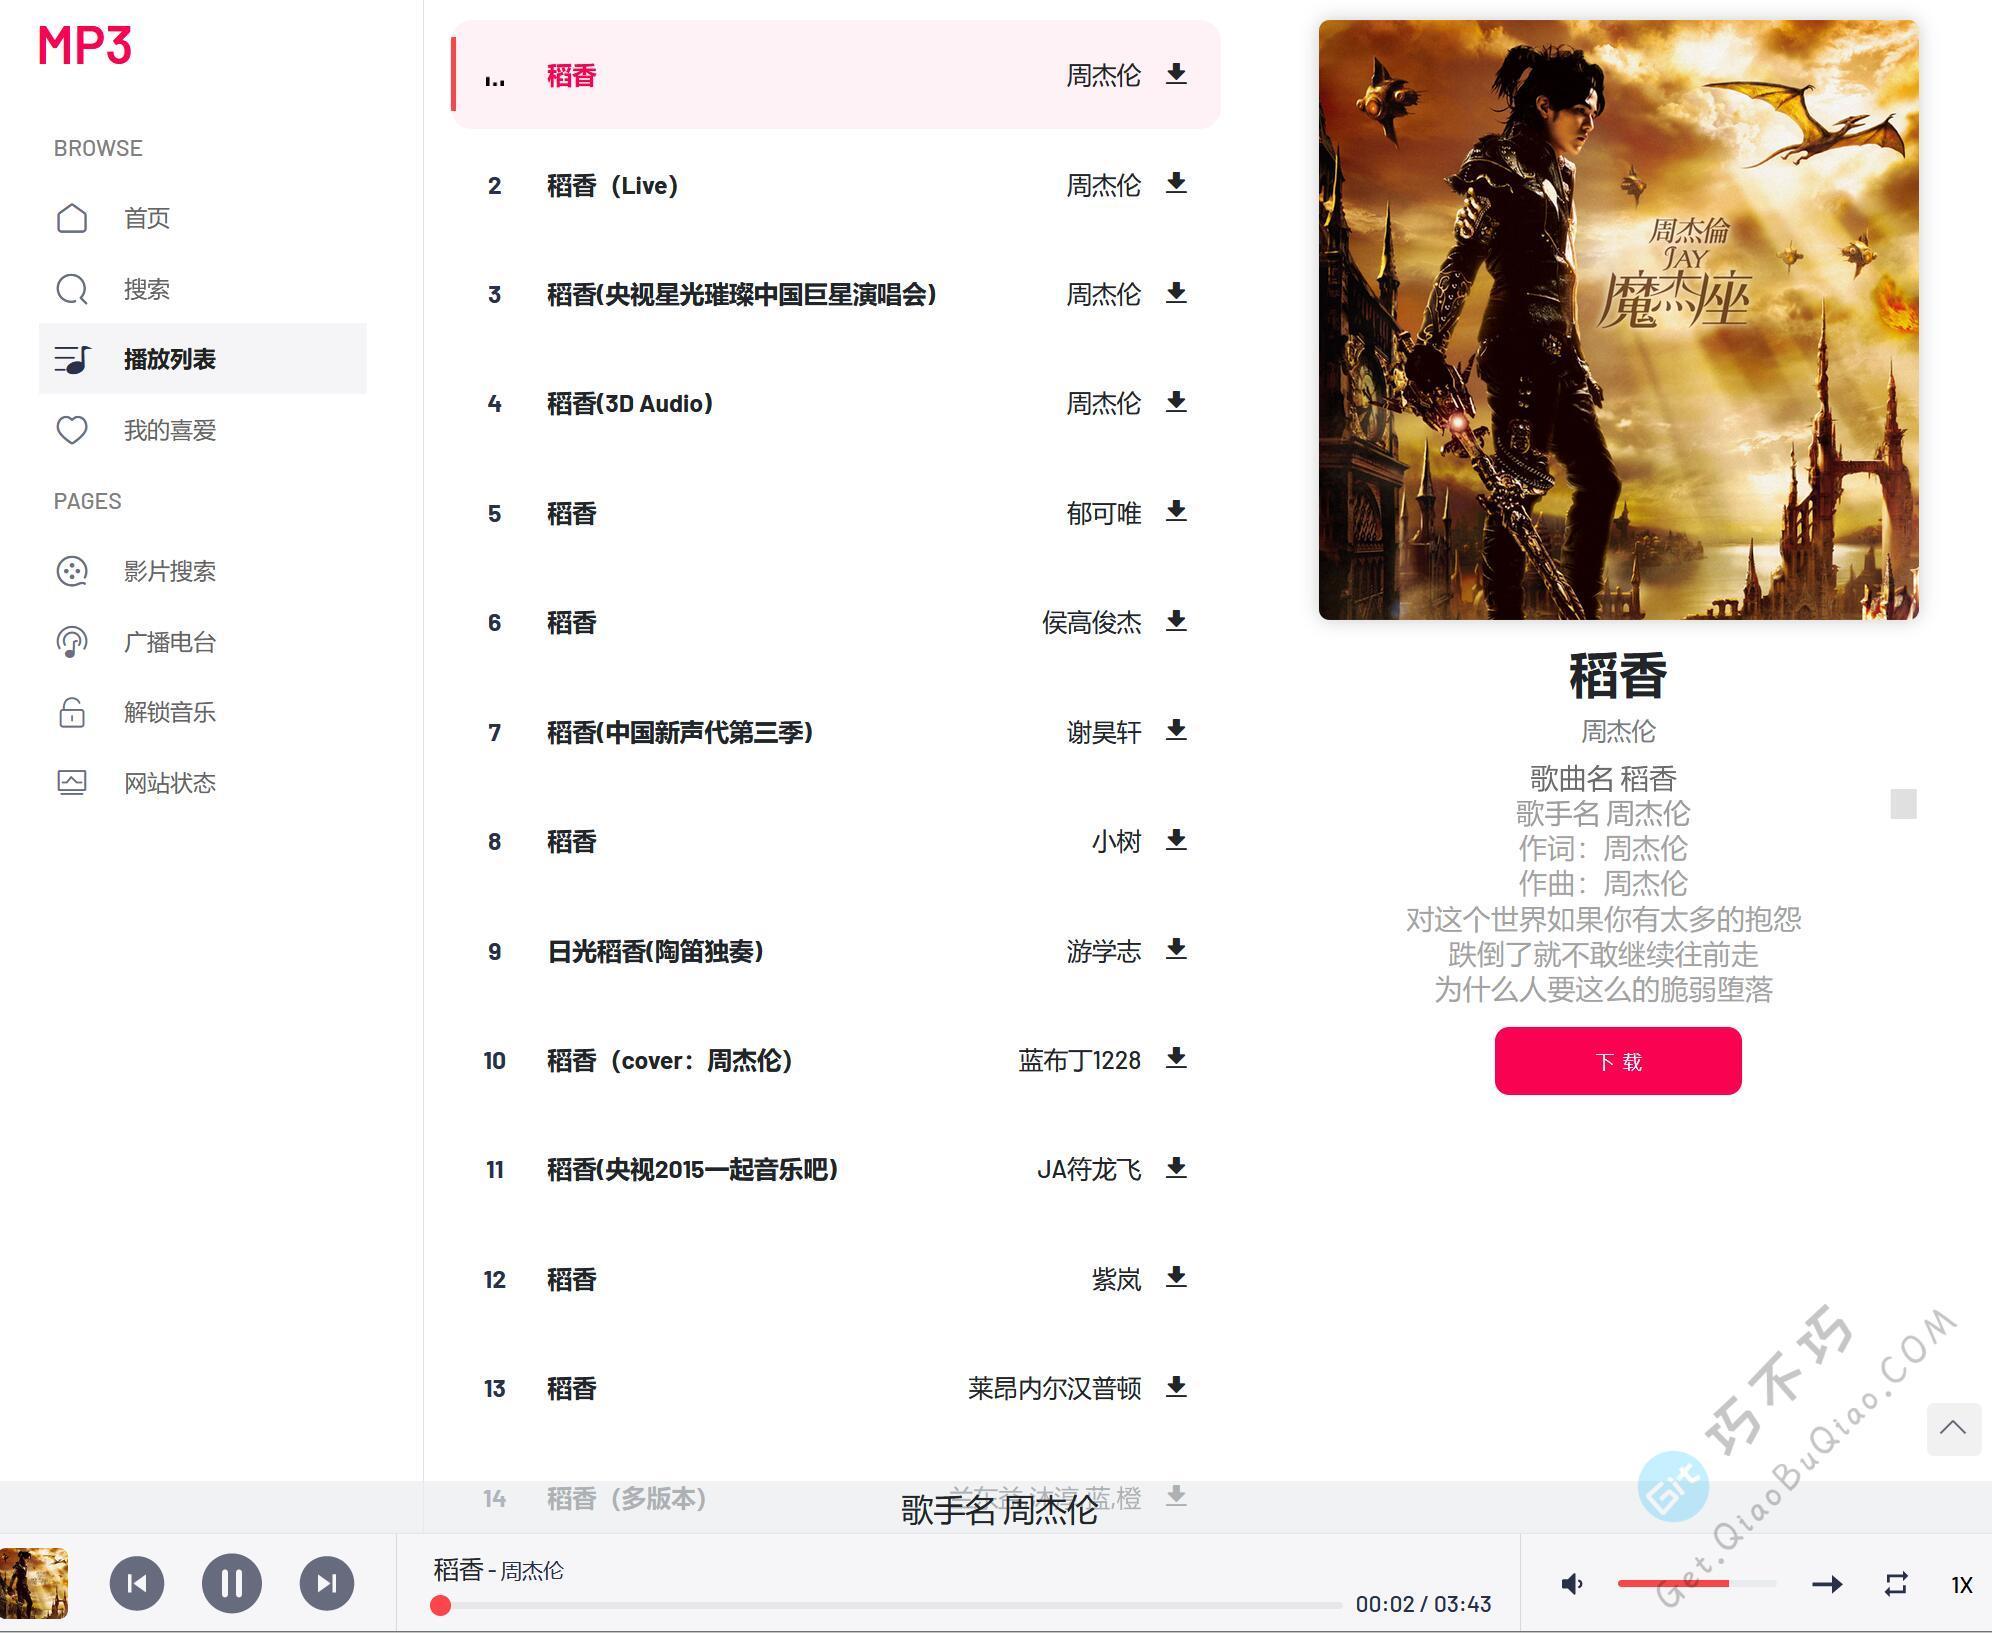 歌曲多!Flac无损音乐搜索、在线播放、下载保存